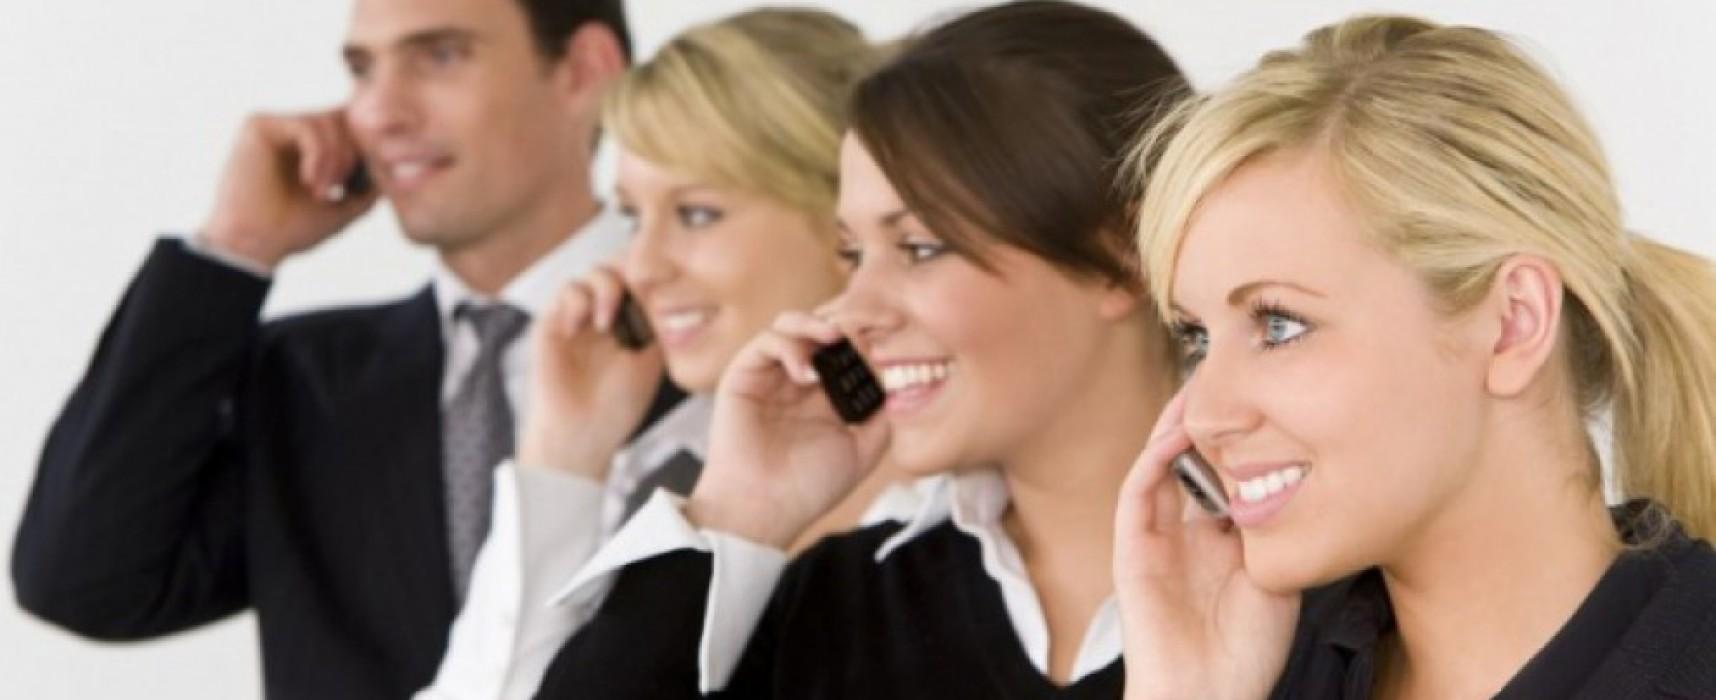 Как осуществляется компенсация мобильной связи сотрудникам?